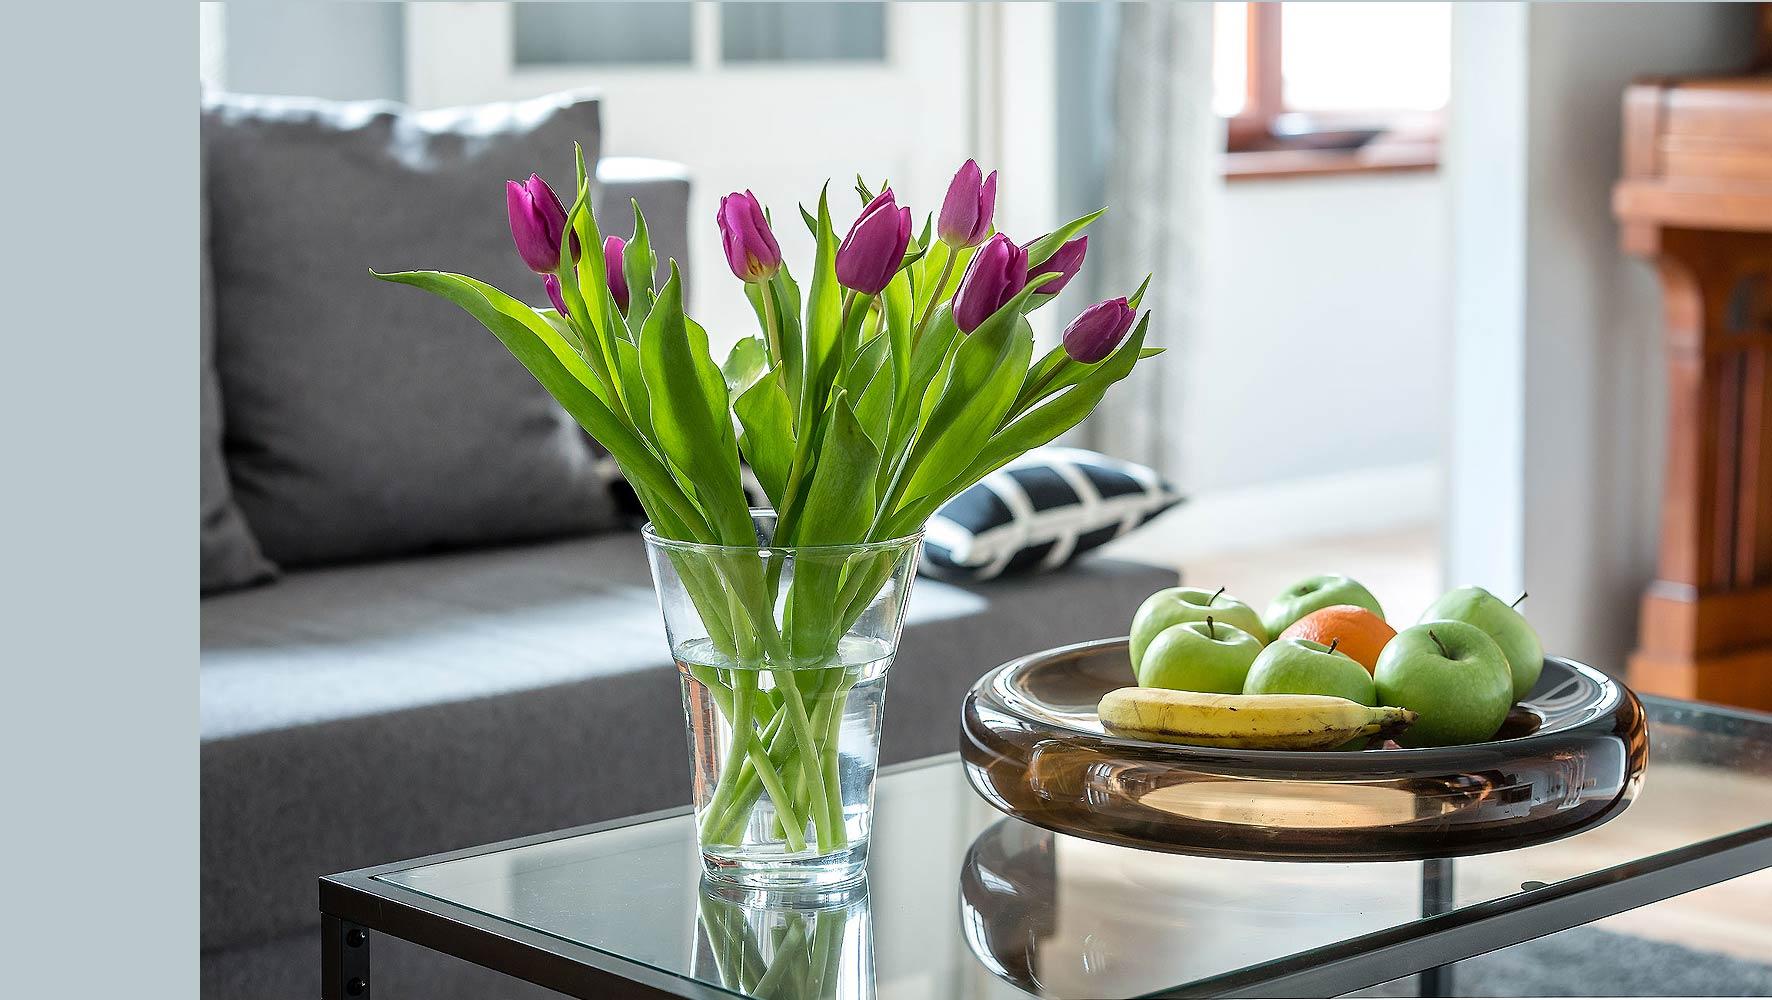 detail ferienwohnung sofa tulpen und obst